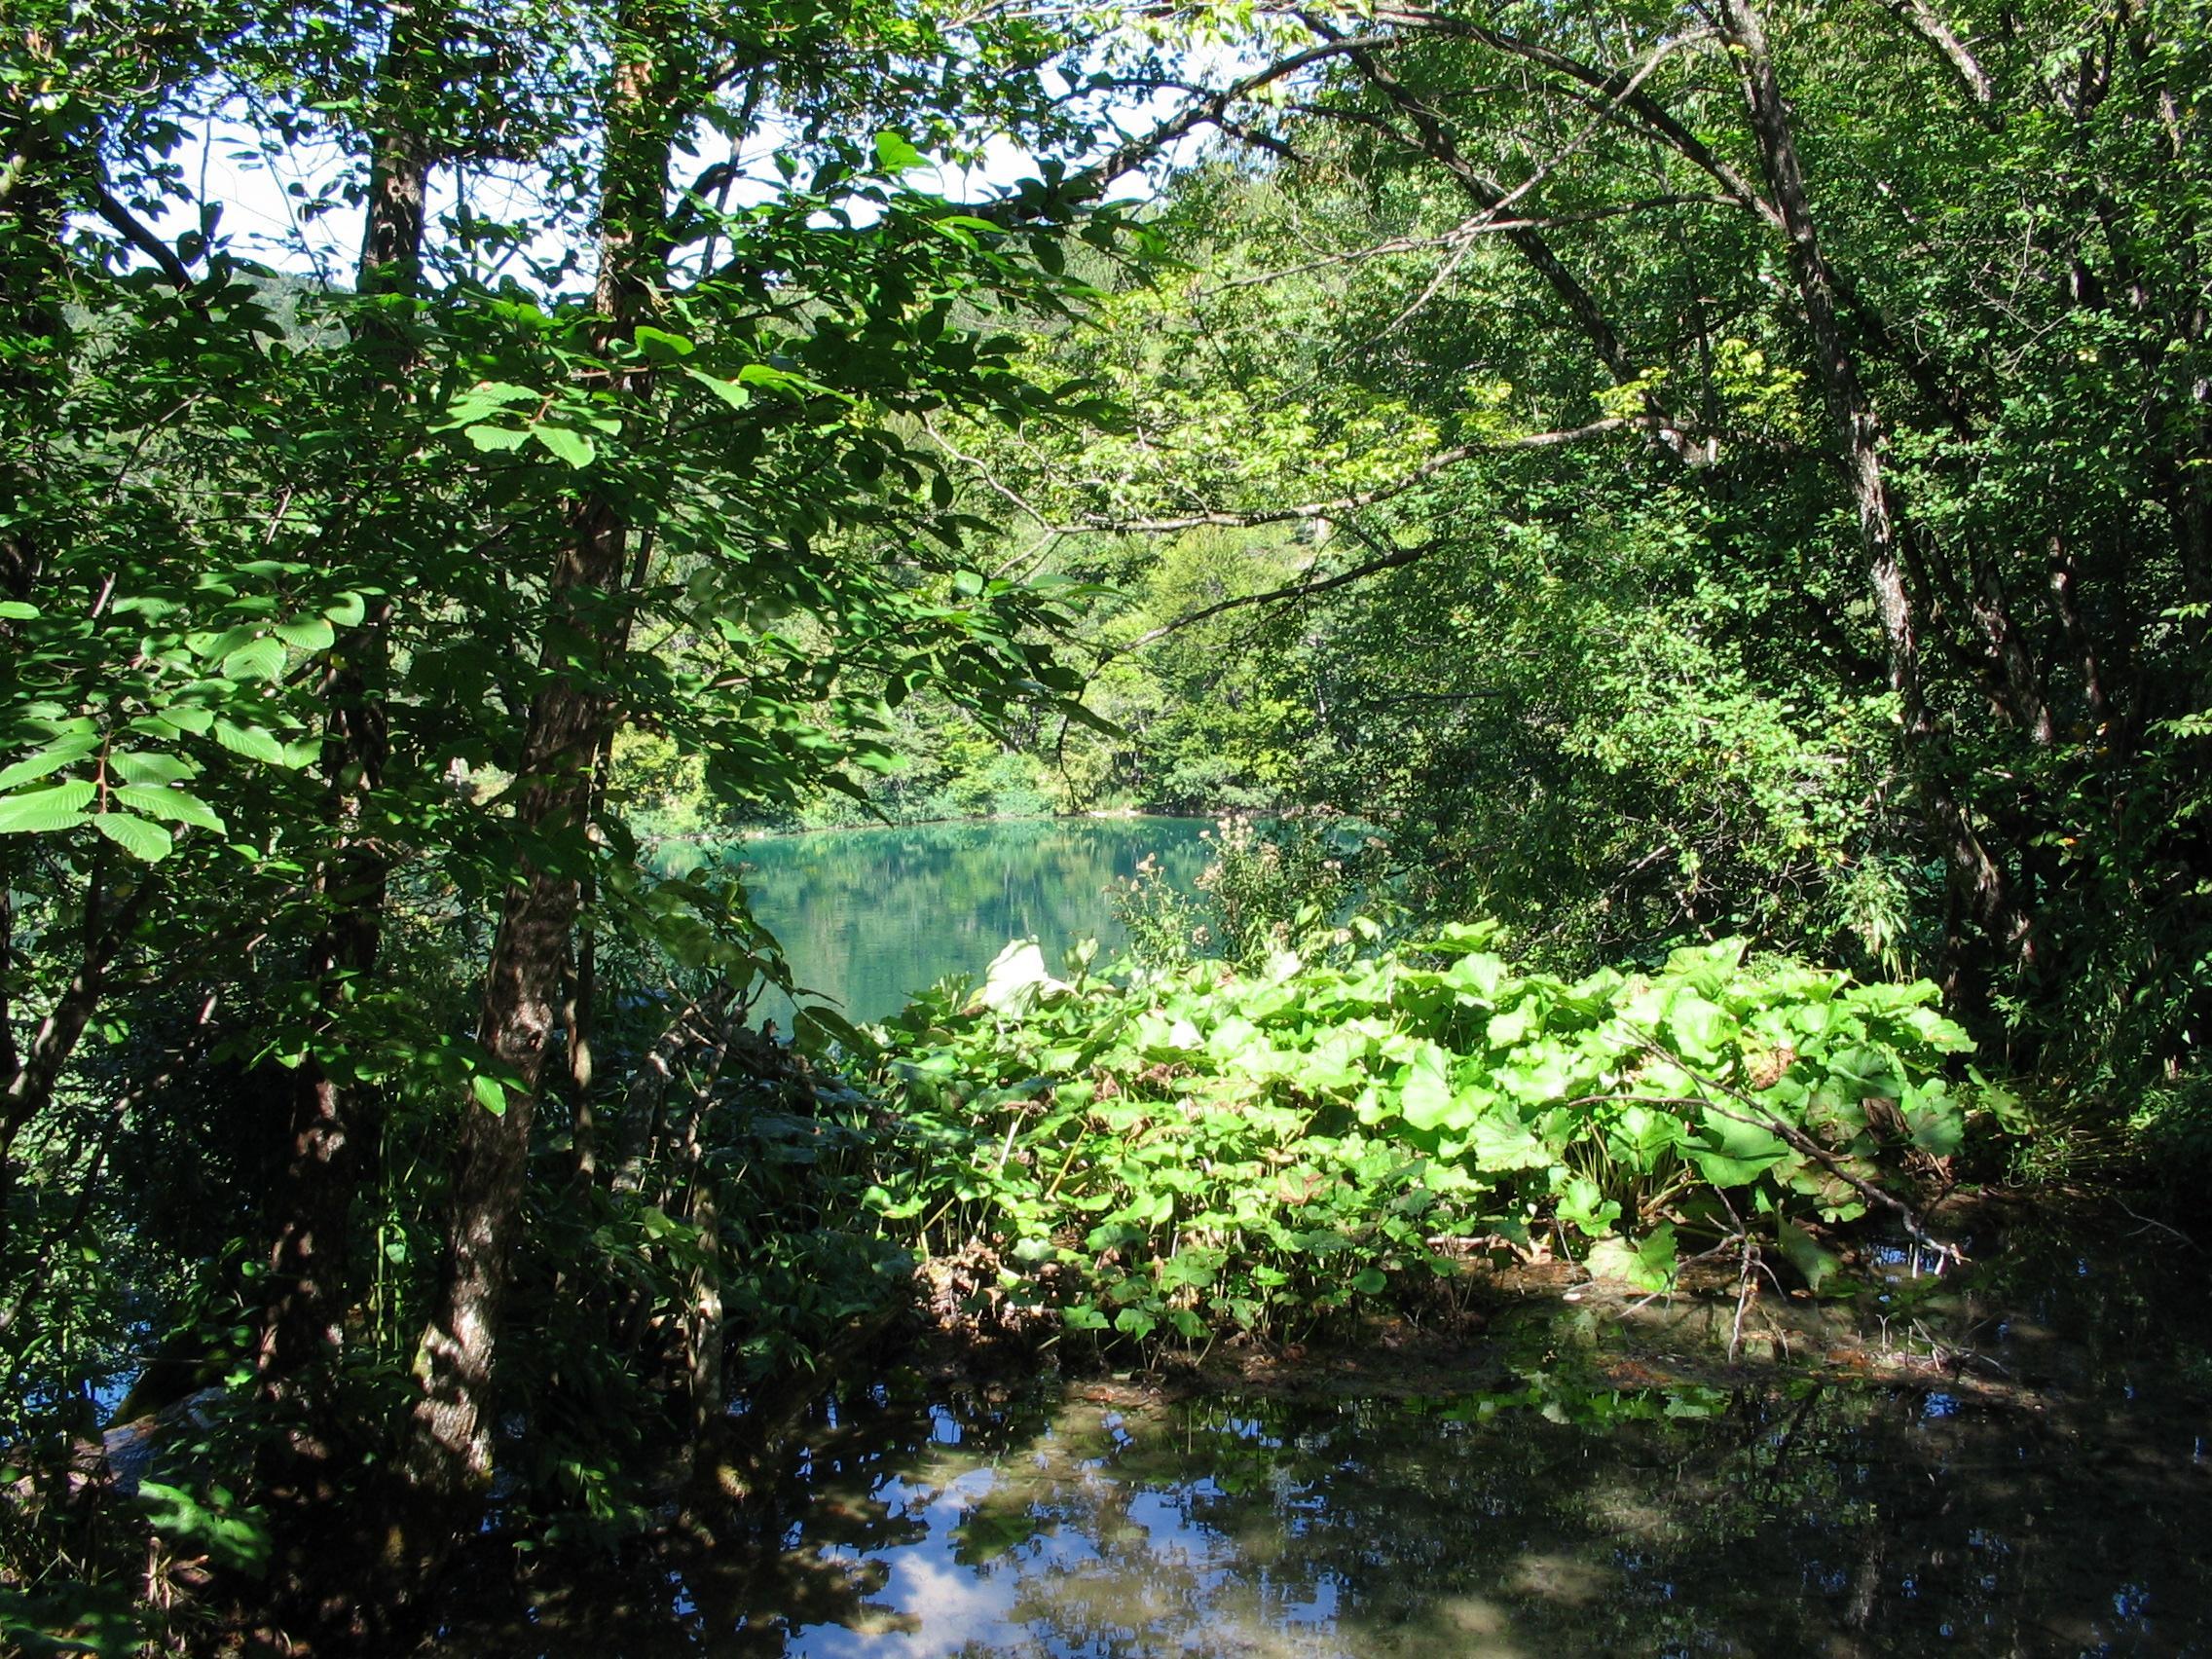 laghi di plitvice vegetazione